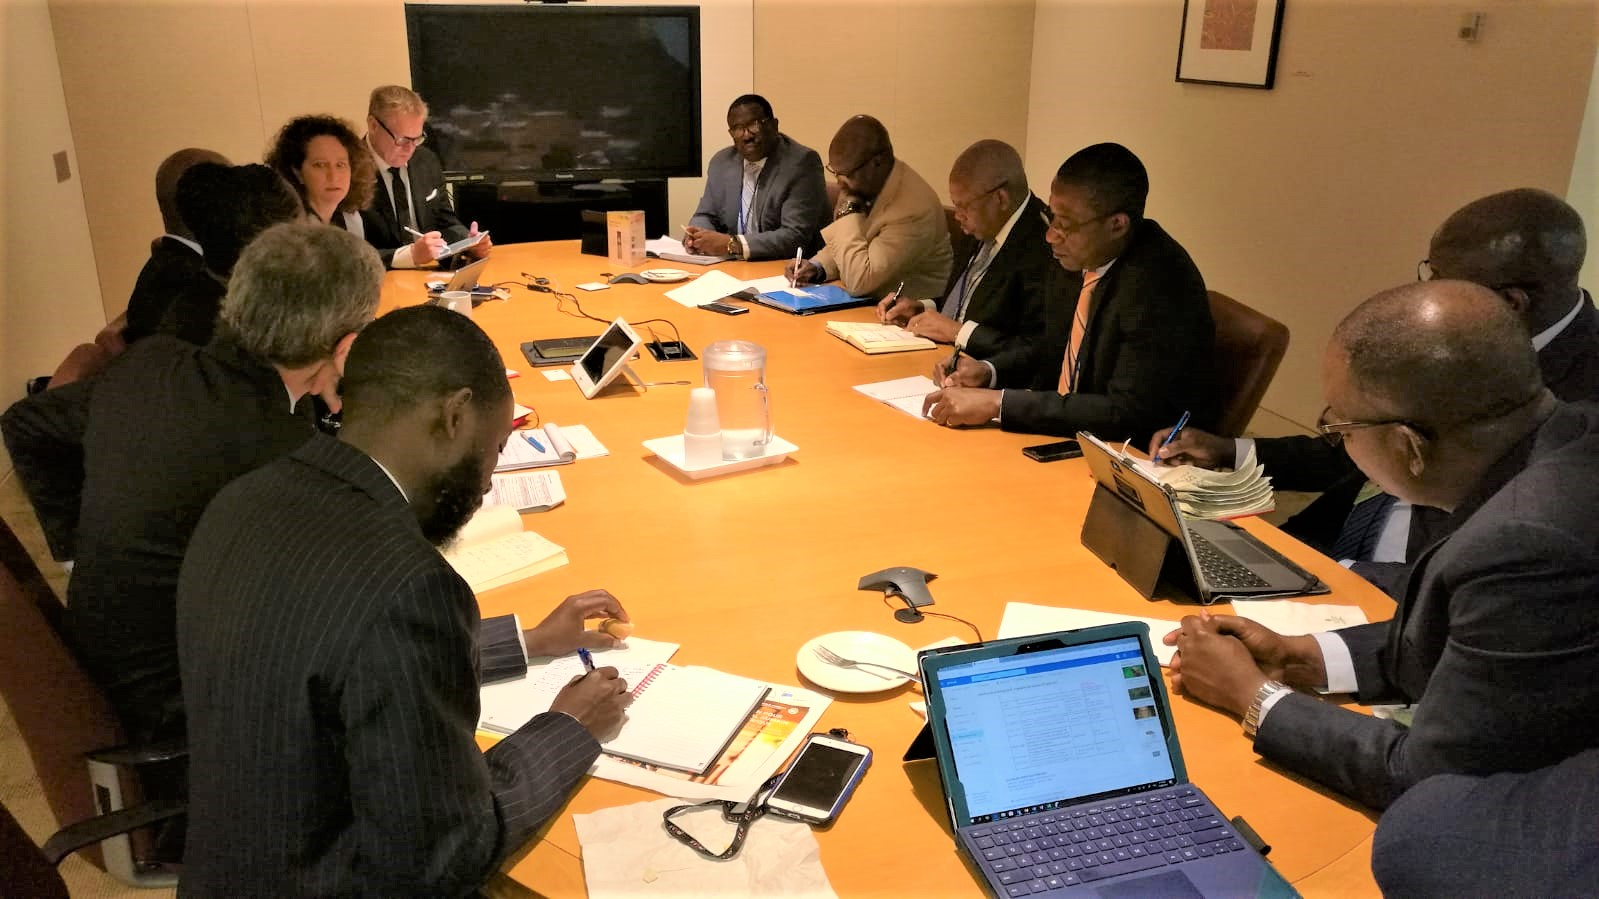 RDC : SFI s'apprête à gonfler son portefeuille pour financer l'économie nationale ! 2